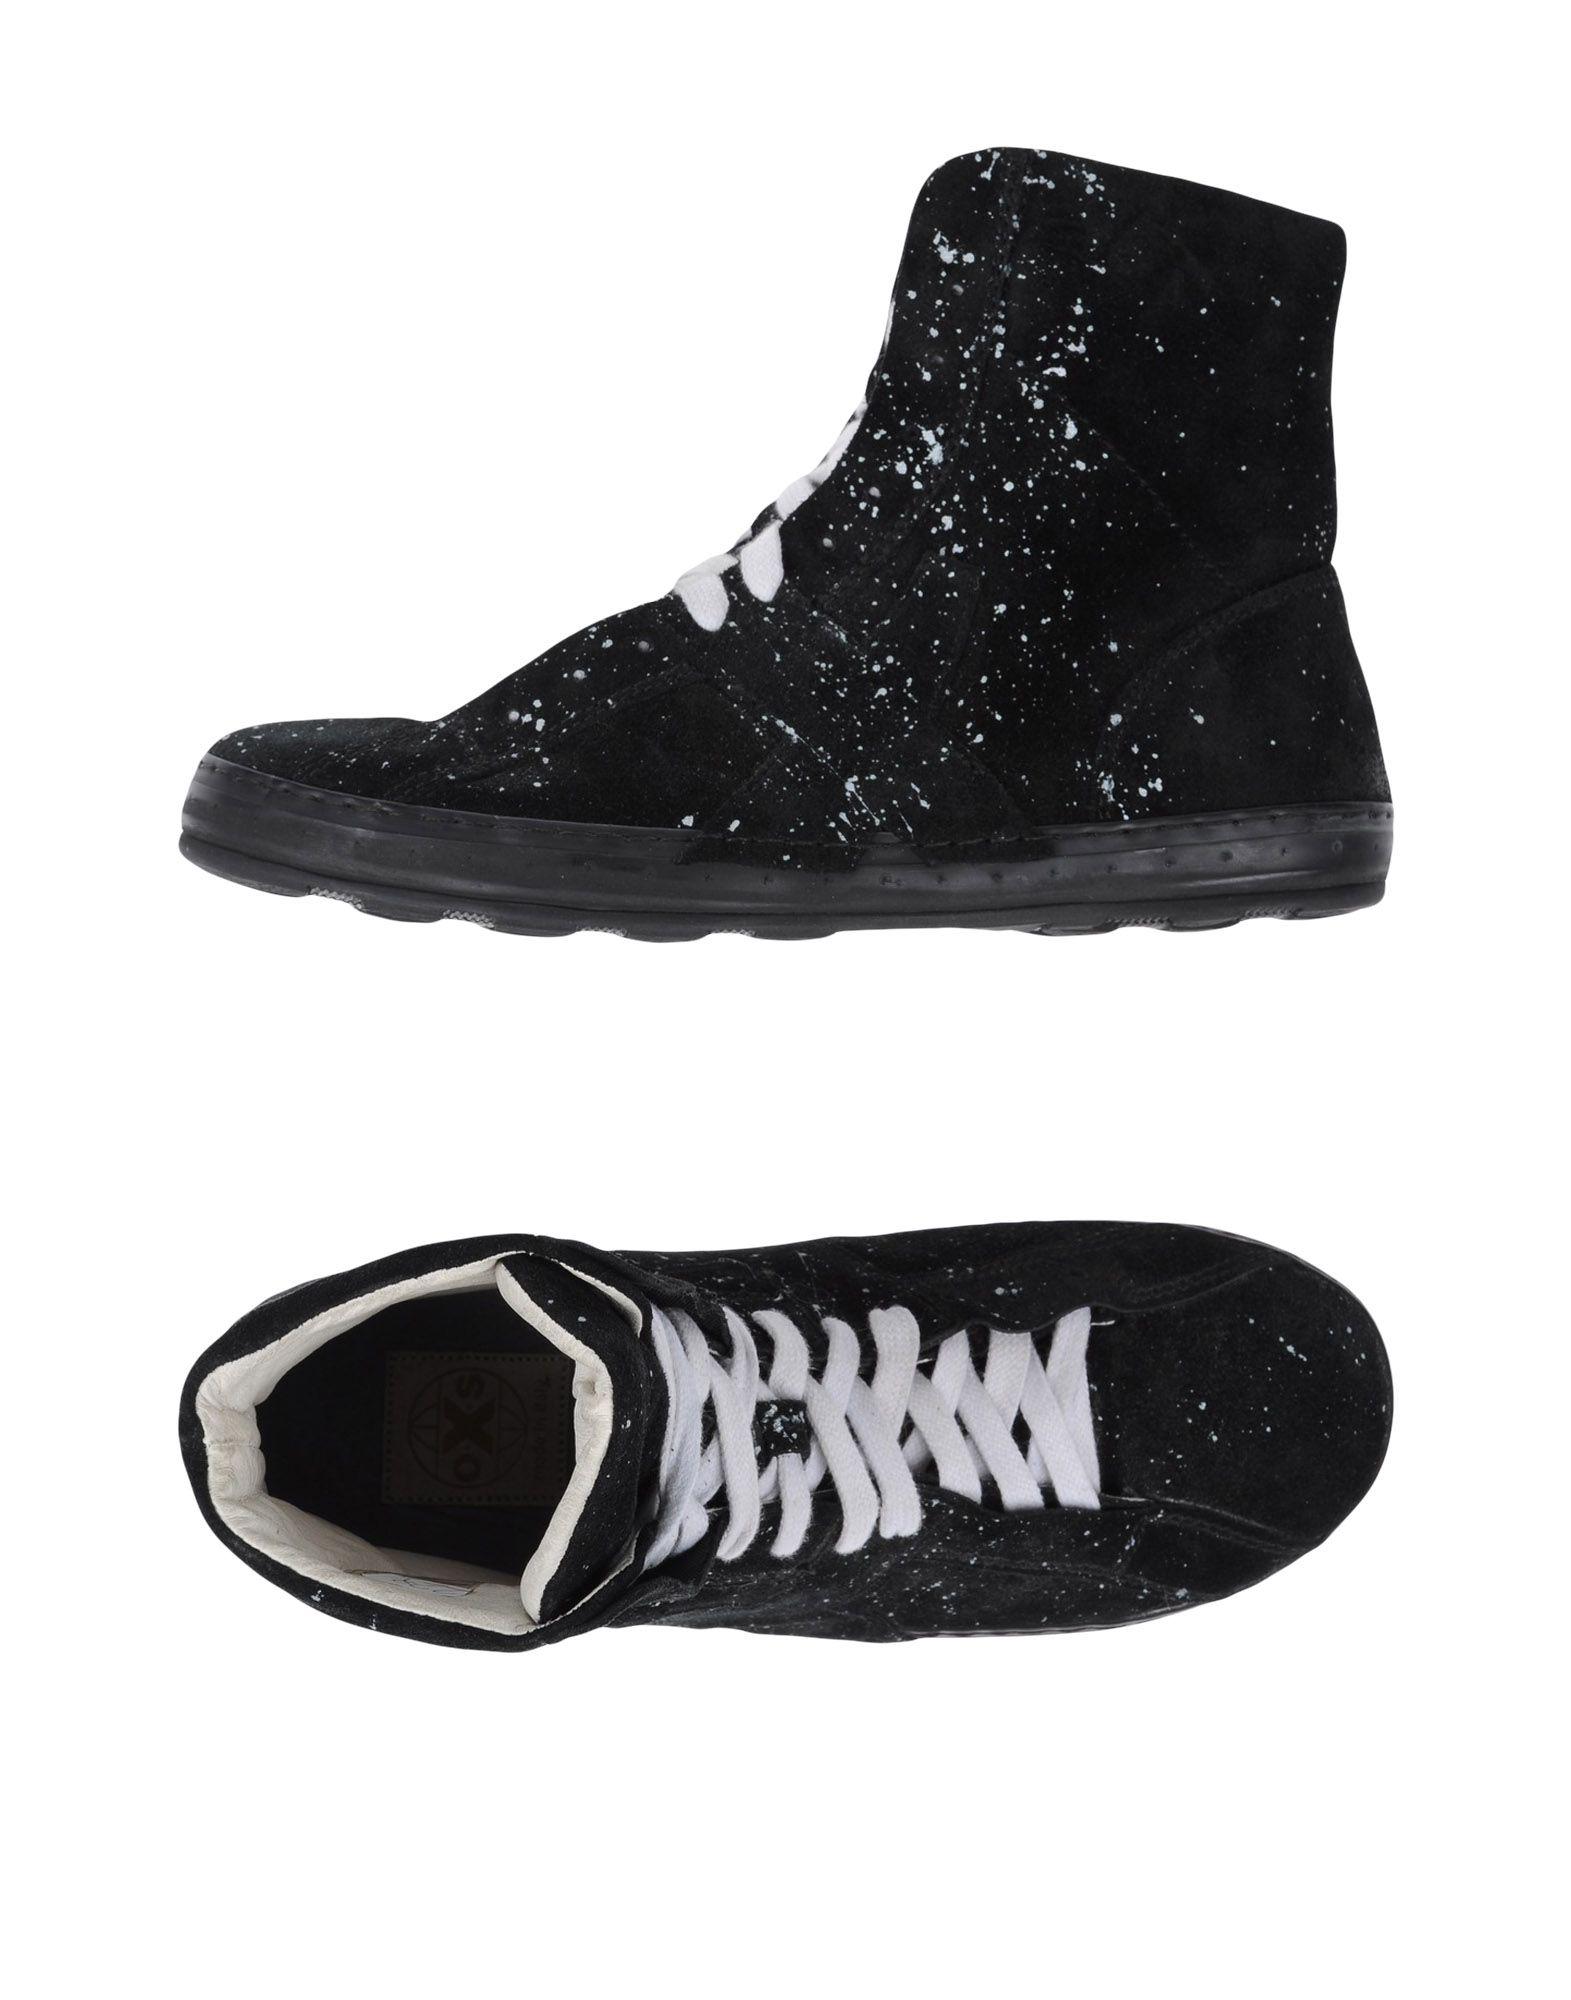 O.X.S. Высокие кеды и кроссовки pierre hardy высокие кеды и кроссовки